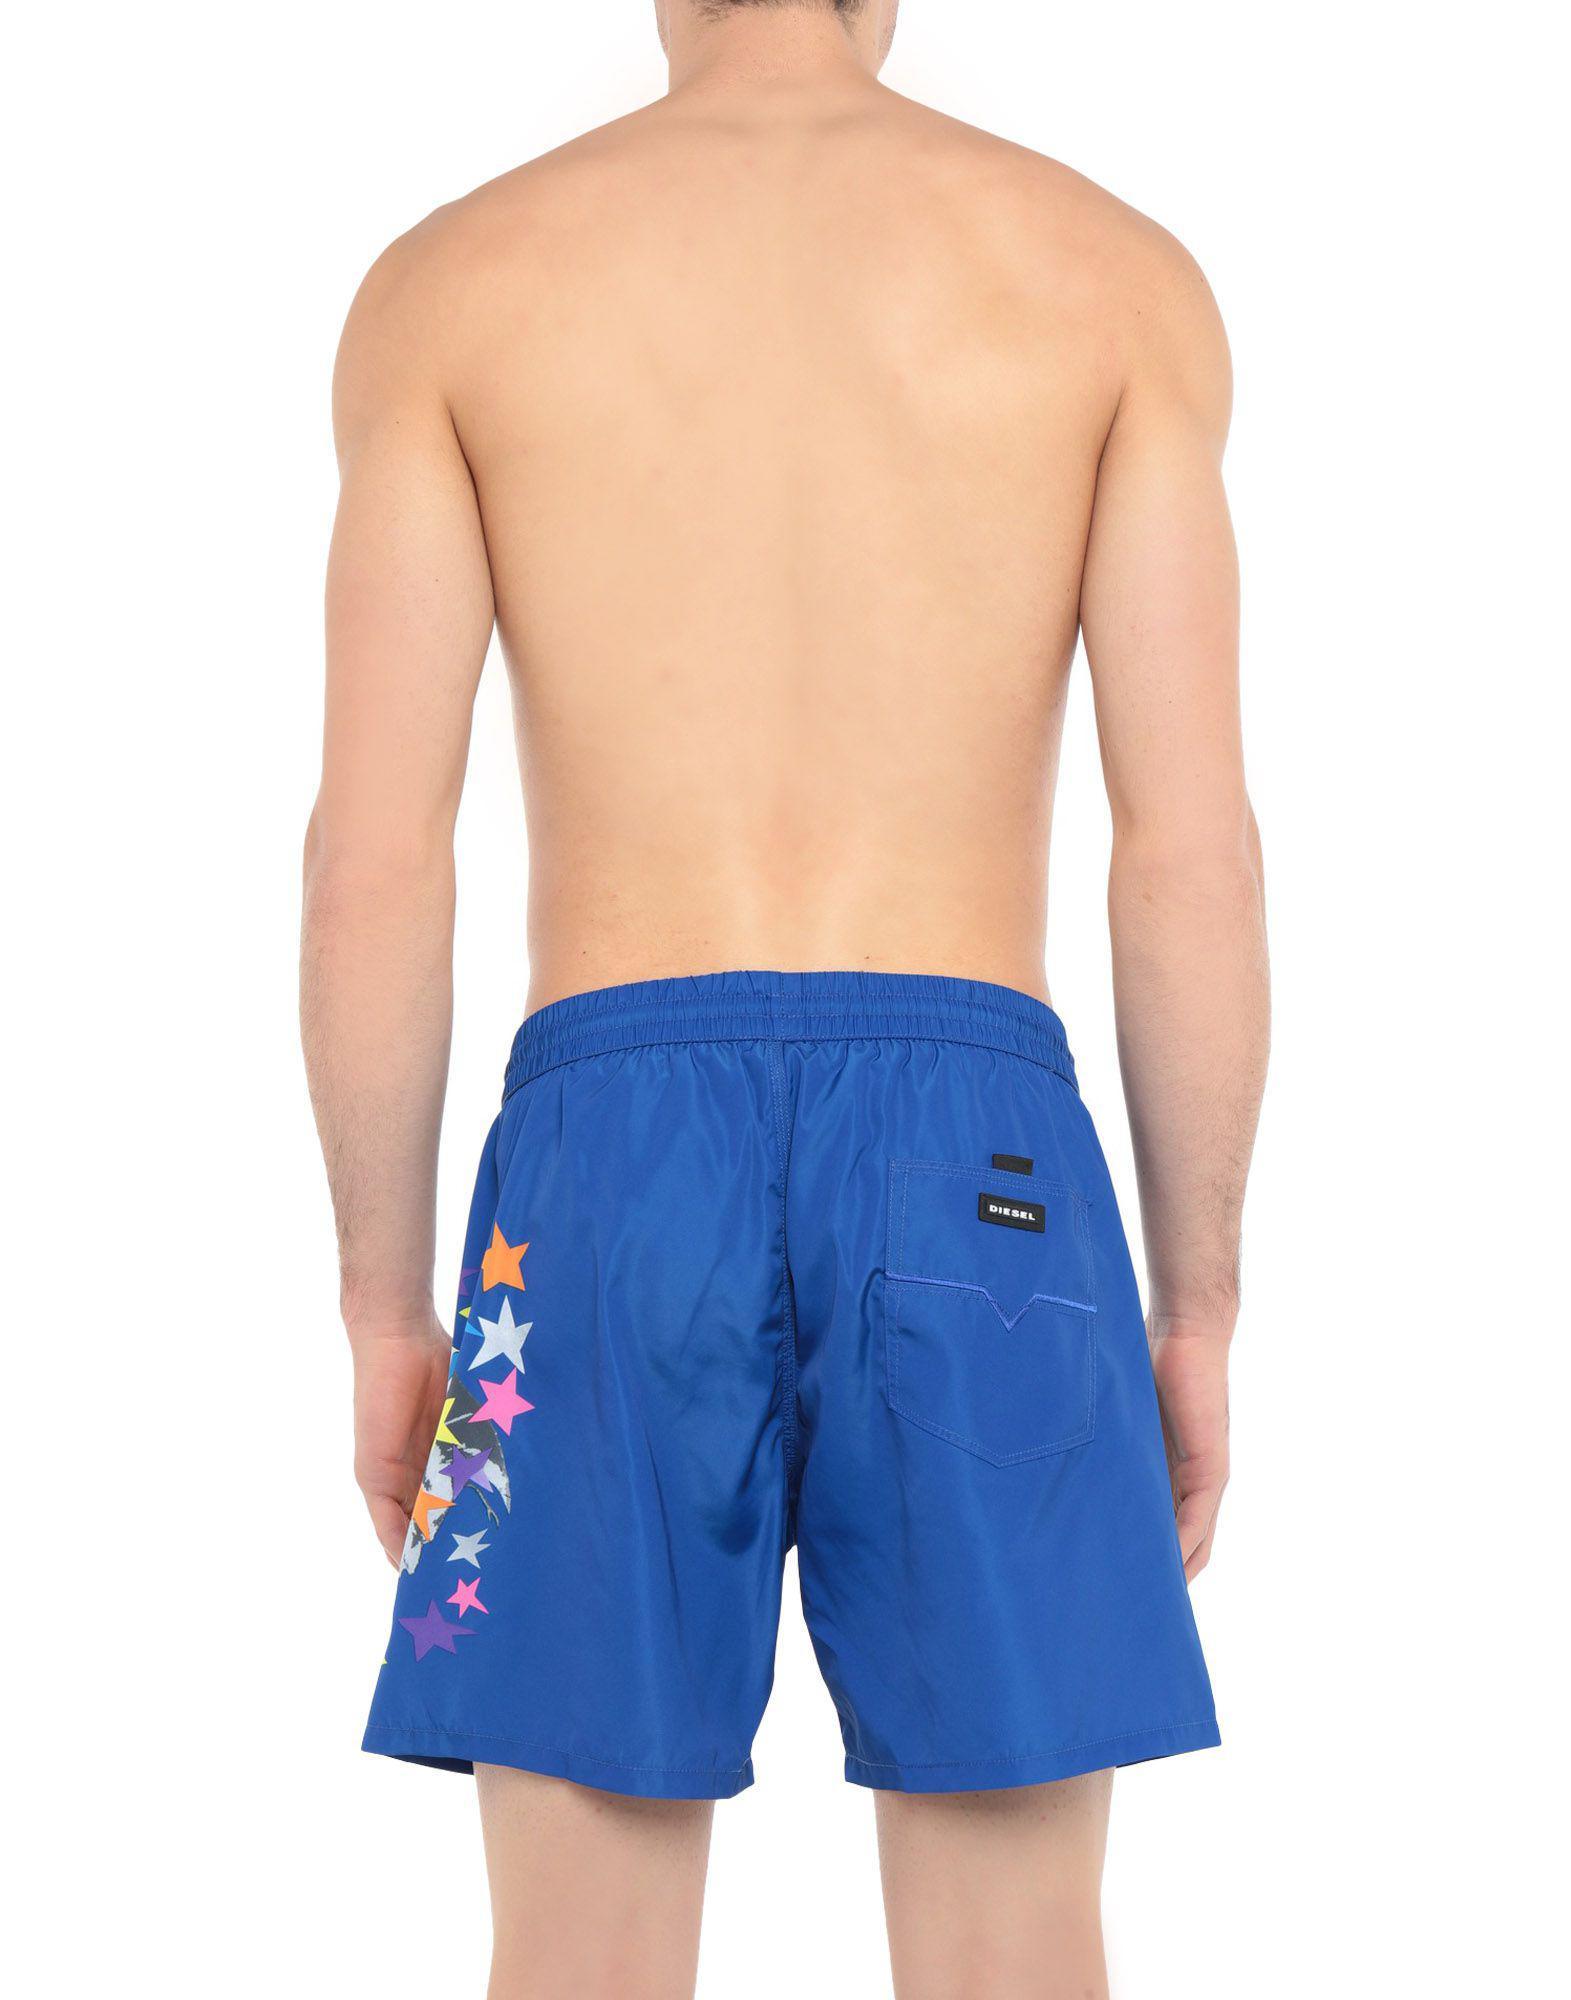 d908e1f953 Lyst - Diesel Swimming Trunks in Blue for Men